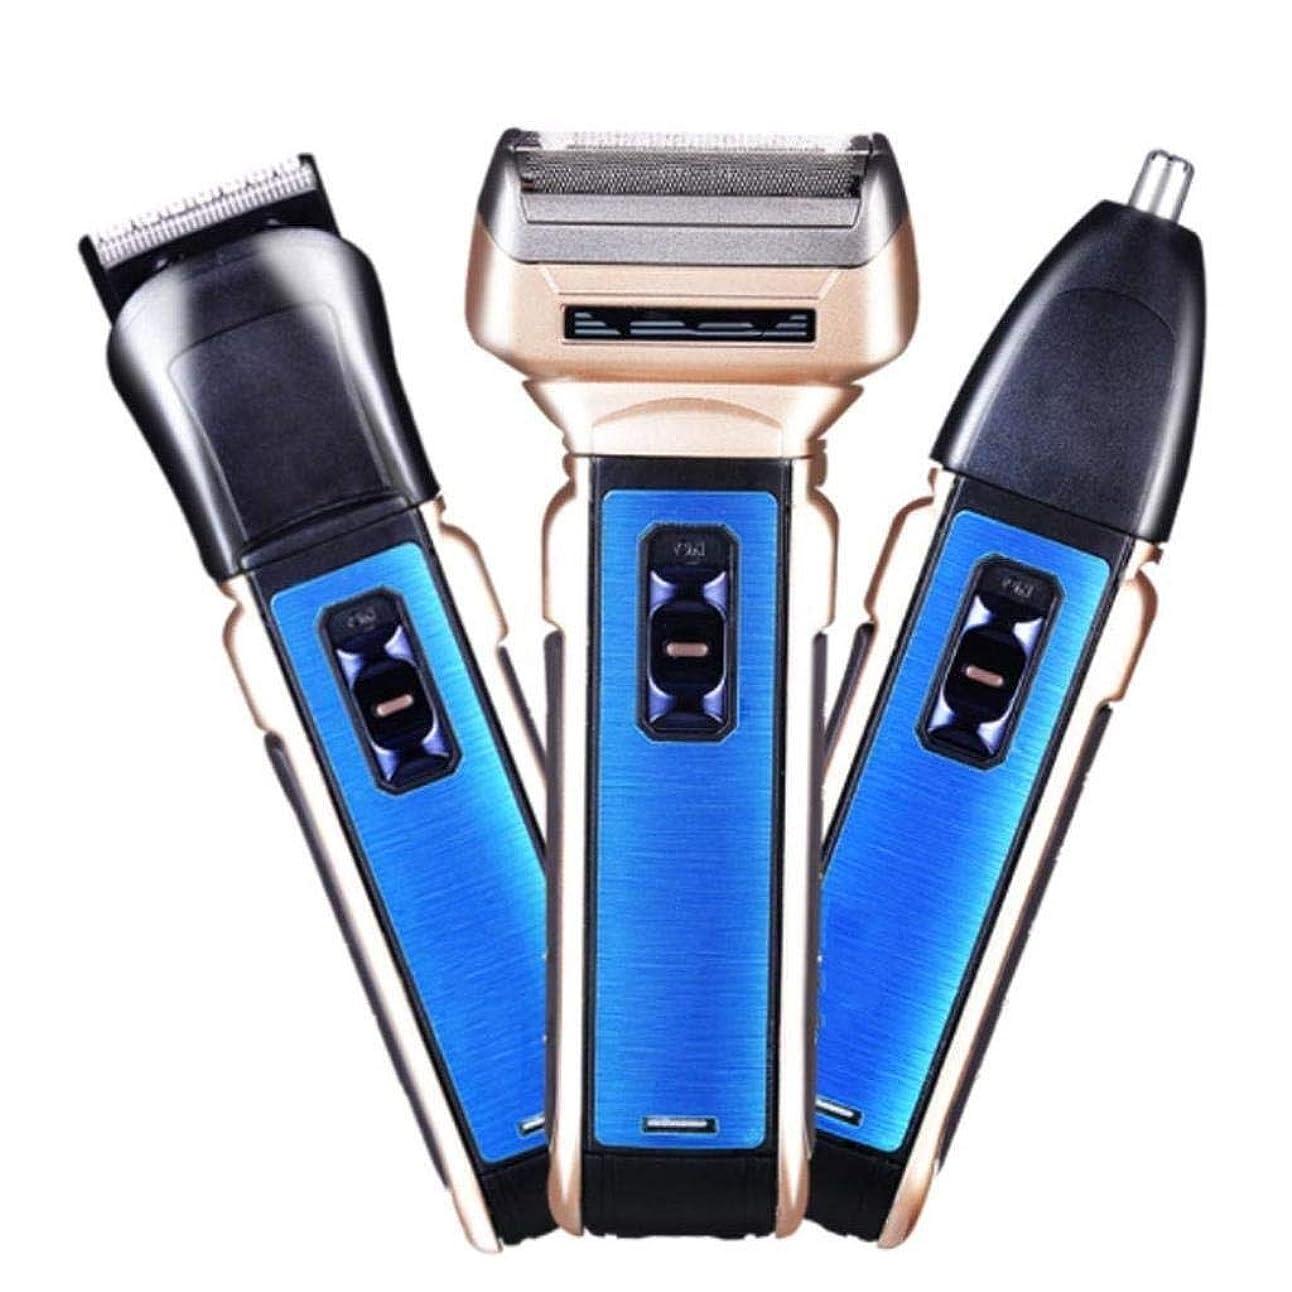 誤解を招くボード計算するフェイシャルヘアー3-in-1鼻毛トリマーセットABS 360°往復充電取り外し可能なヘッドと洗えるデザイン電気かみそり